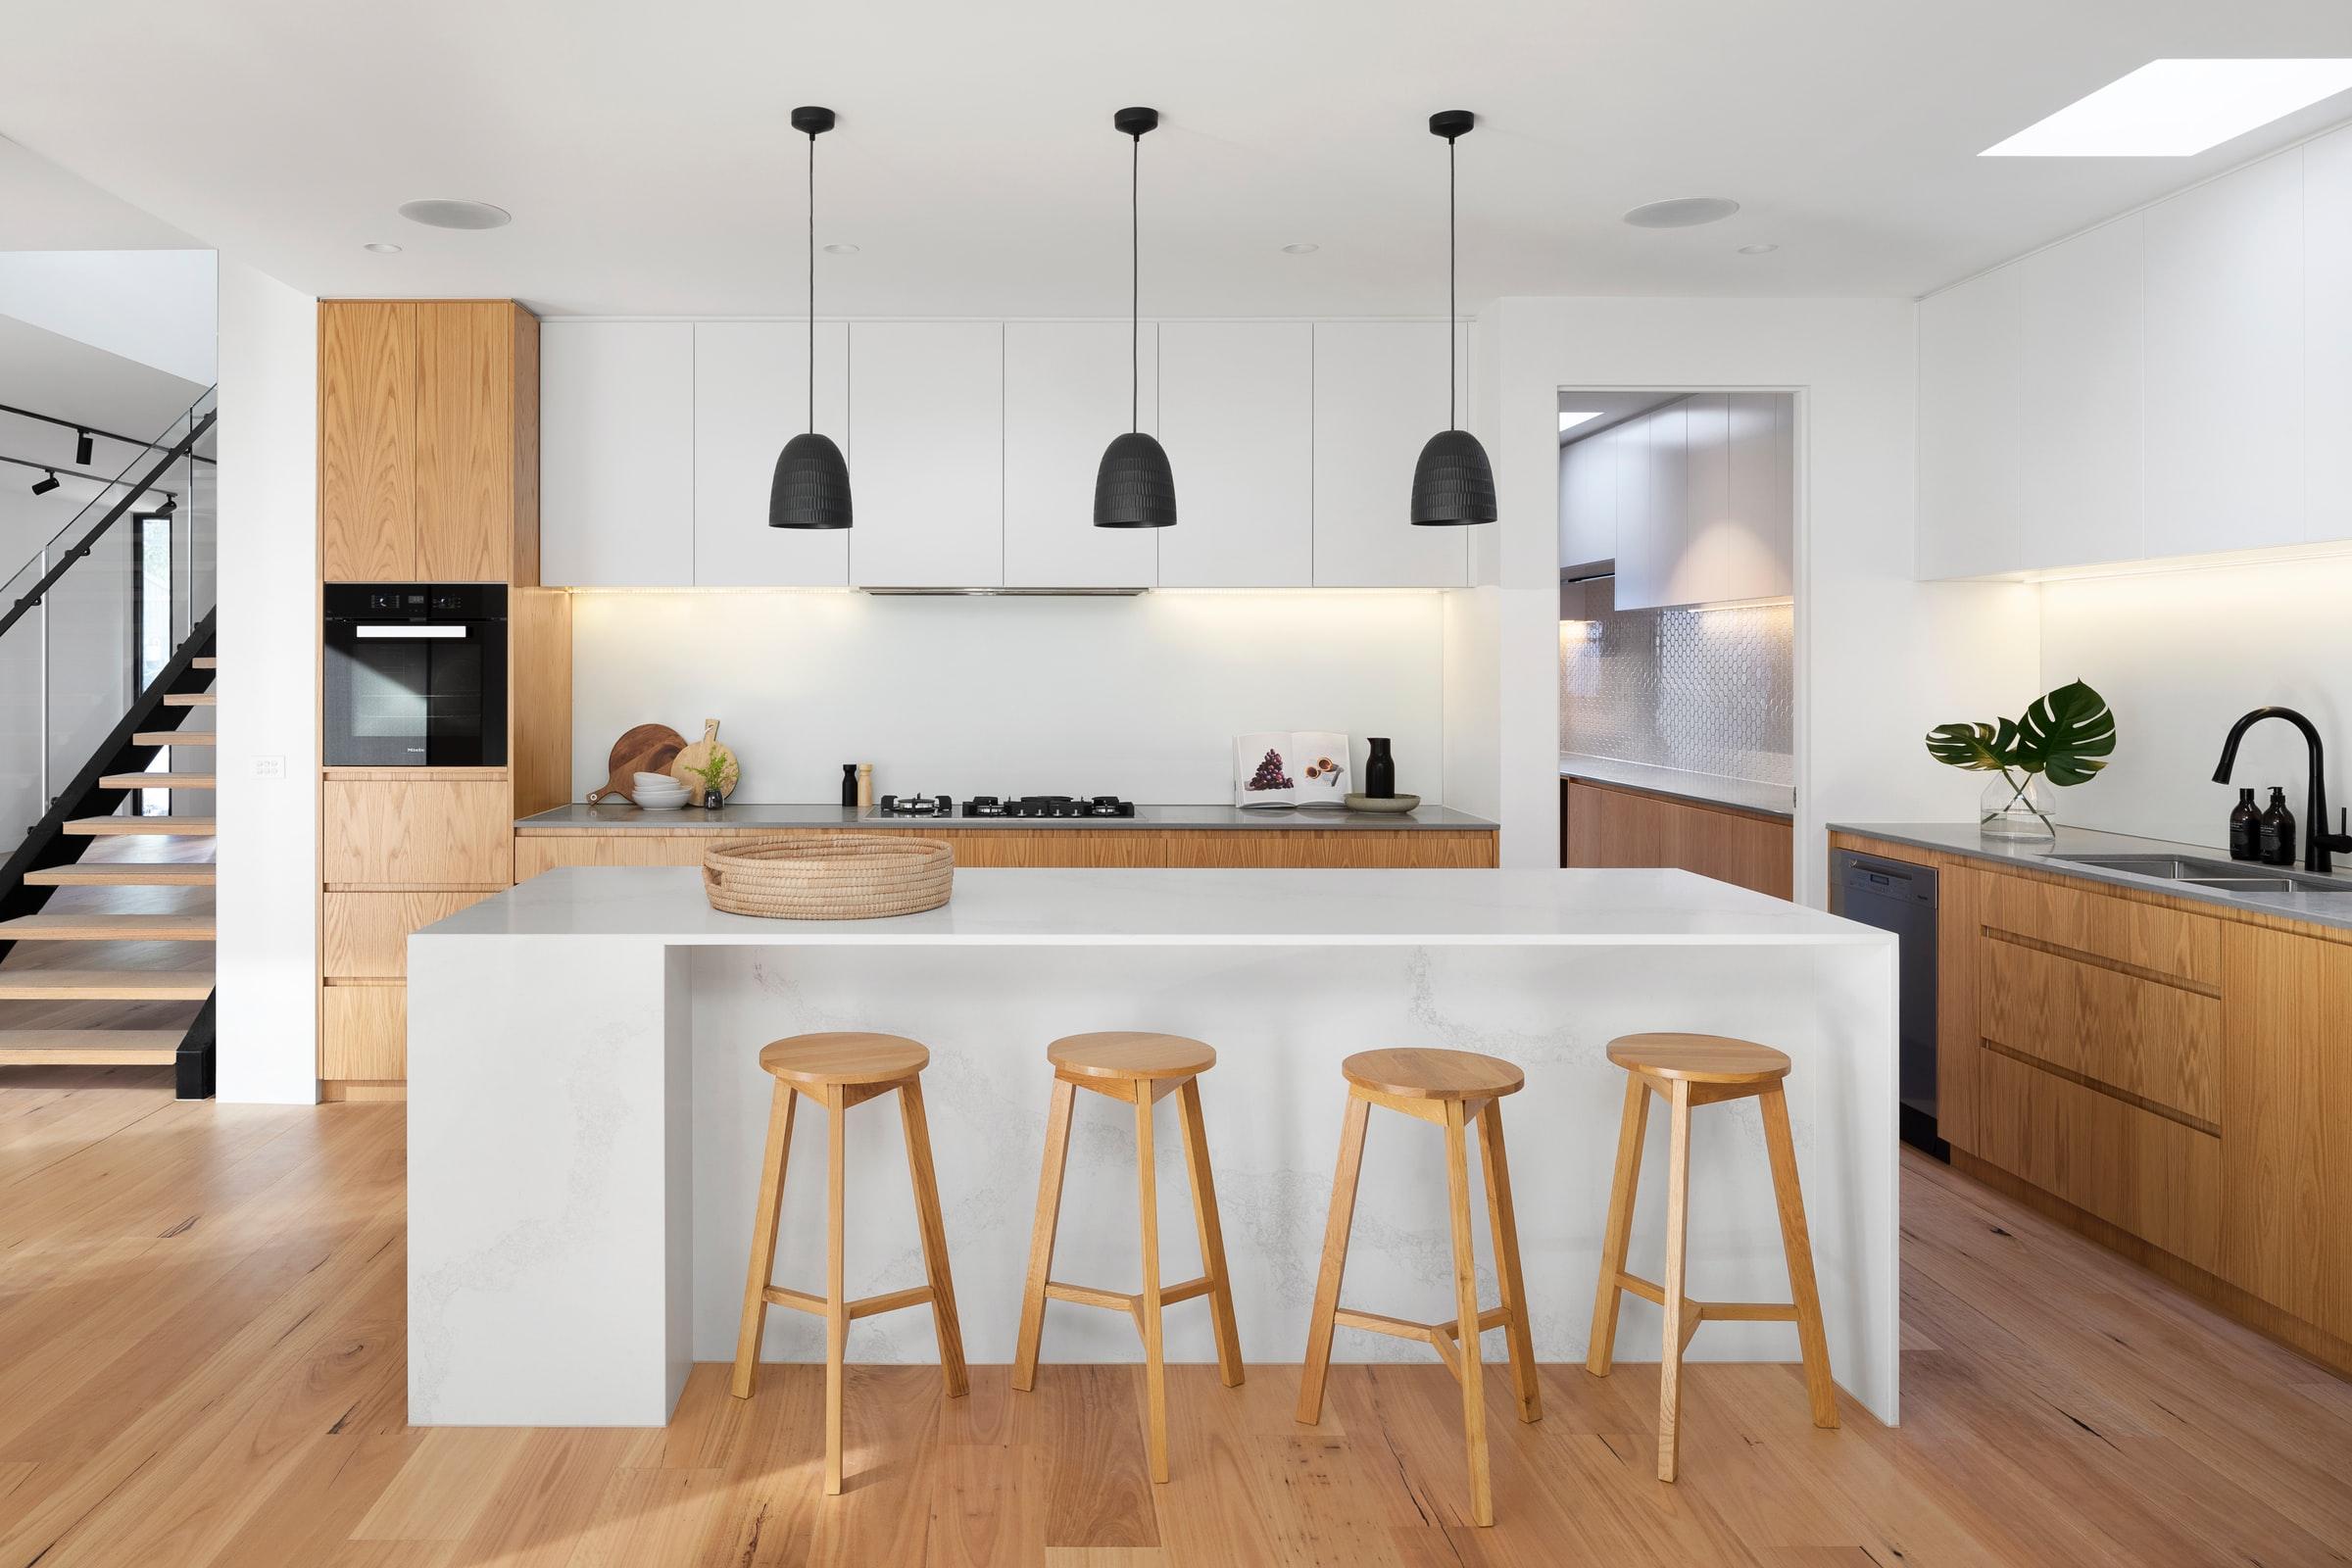 Cuisine simple et épurée de style scandinave. Les armoires et tabourets sont en bois, le comptoir est blanc.